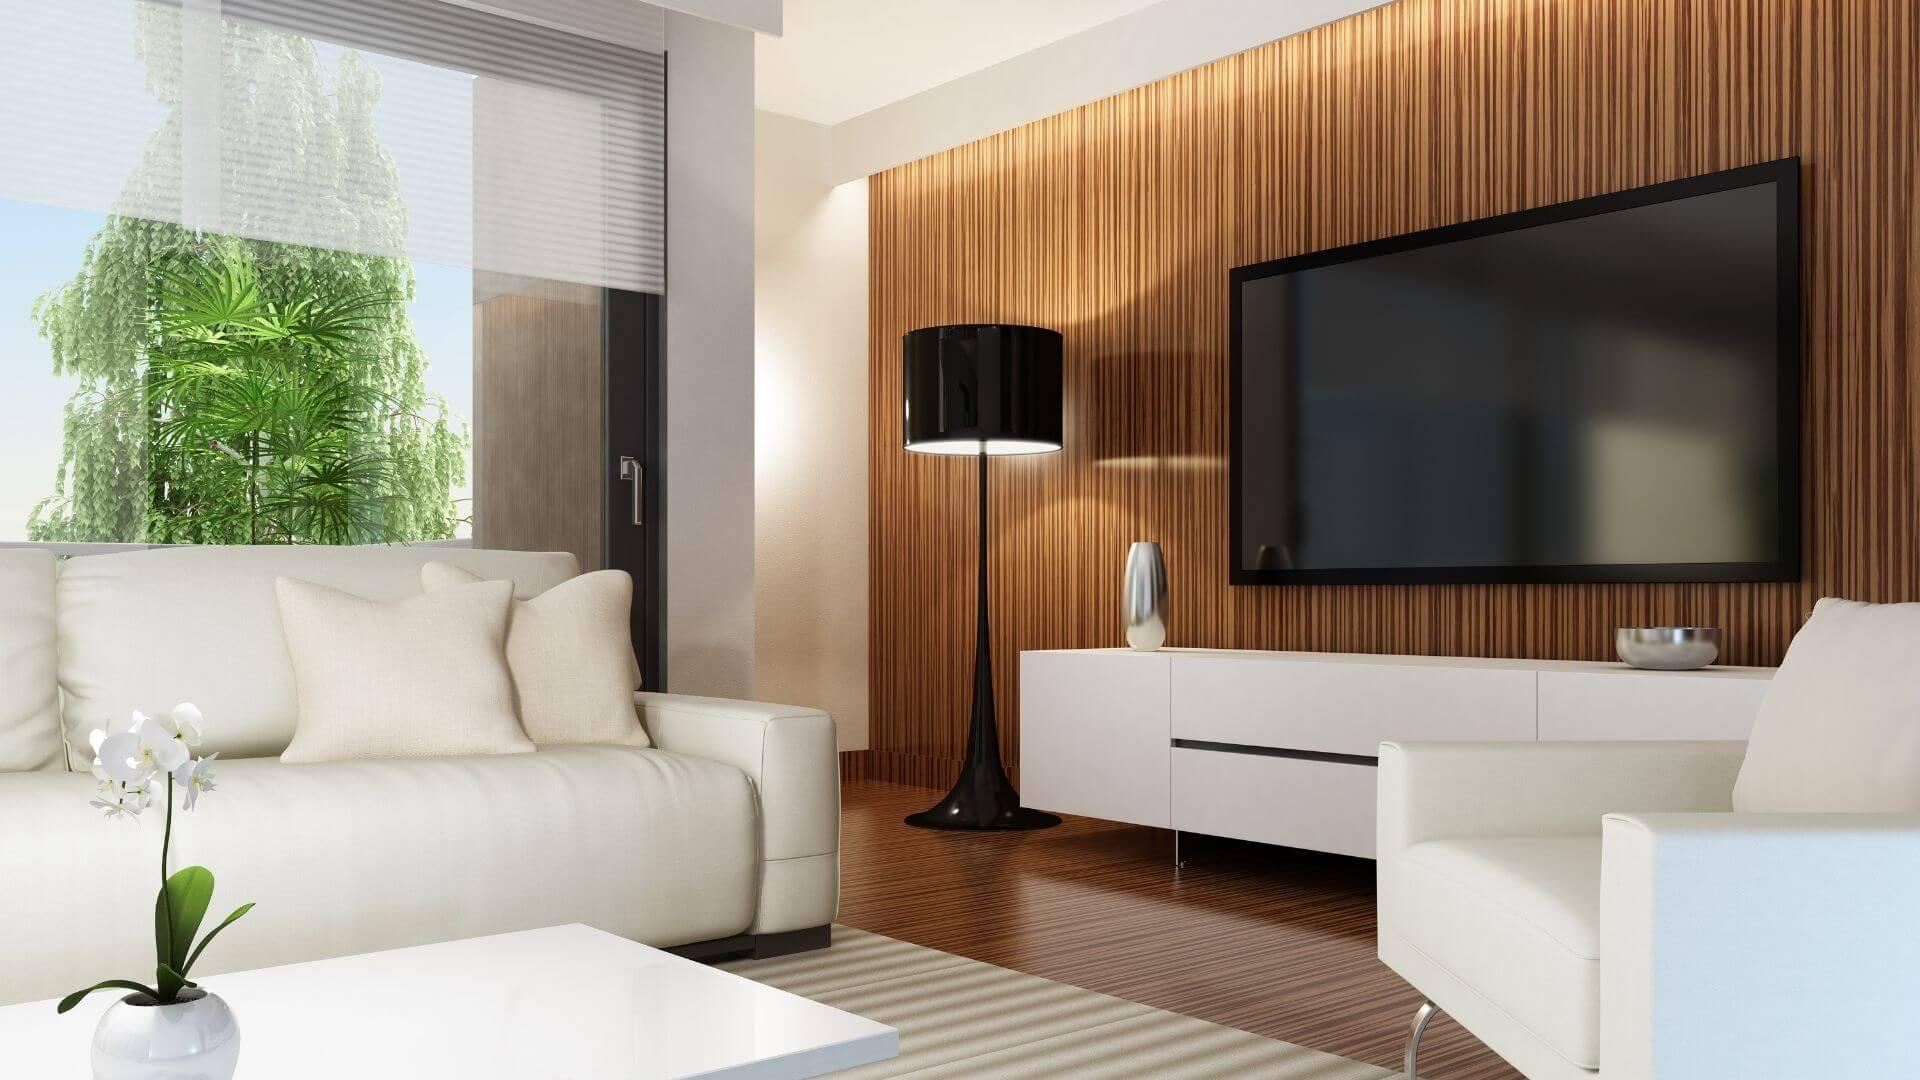 sala de estar ou de tv